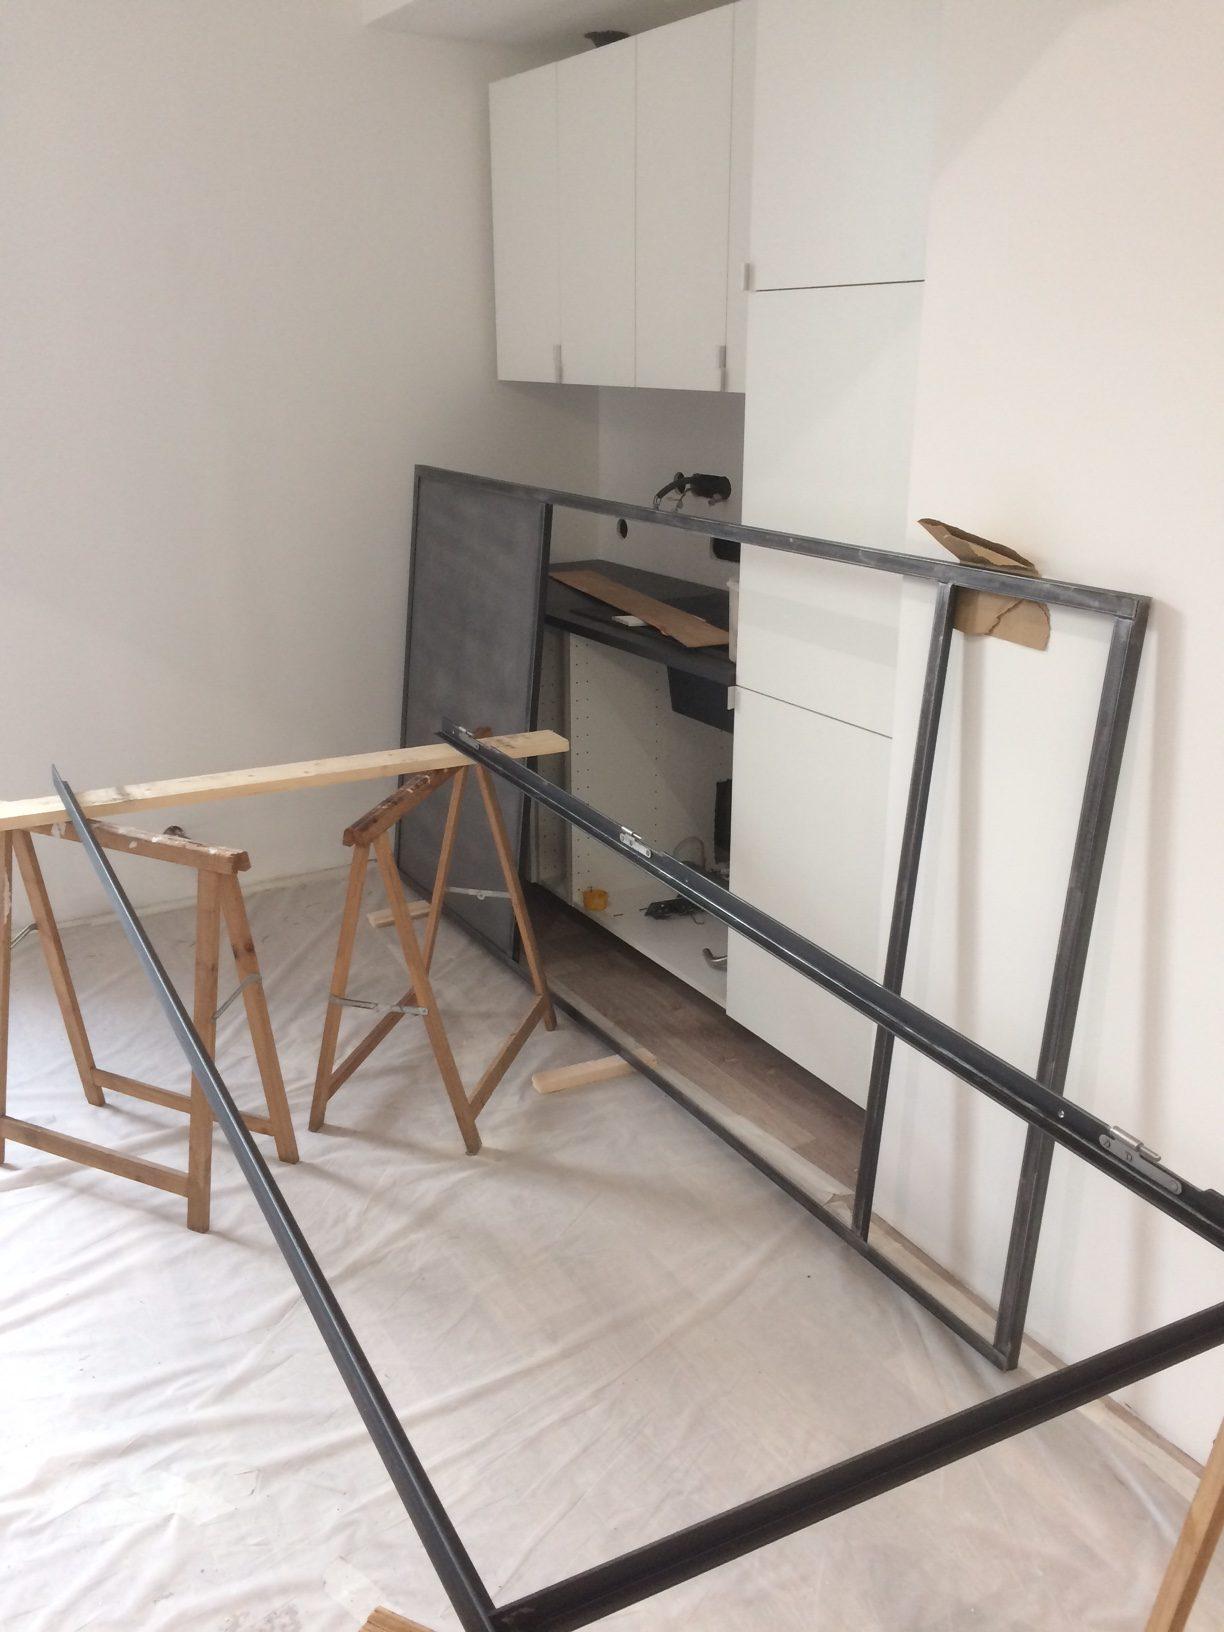 """Réalisation d'une cloison de séparation type """"verrière indus"""" pour séparer l'open-space de la cuisine/salle de réunion"""